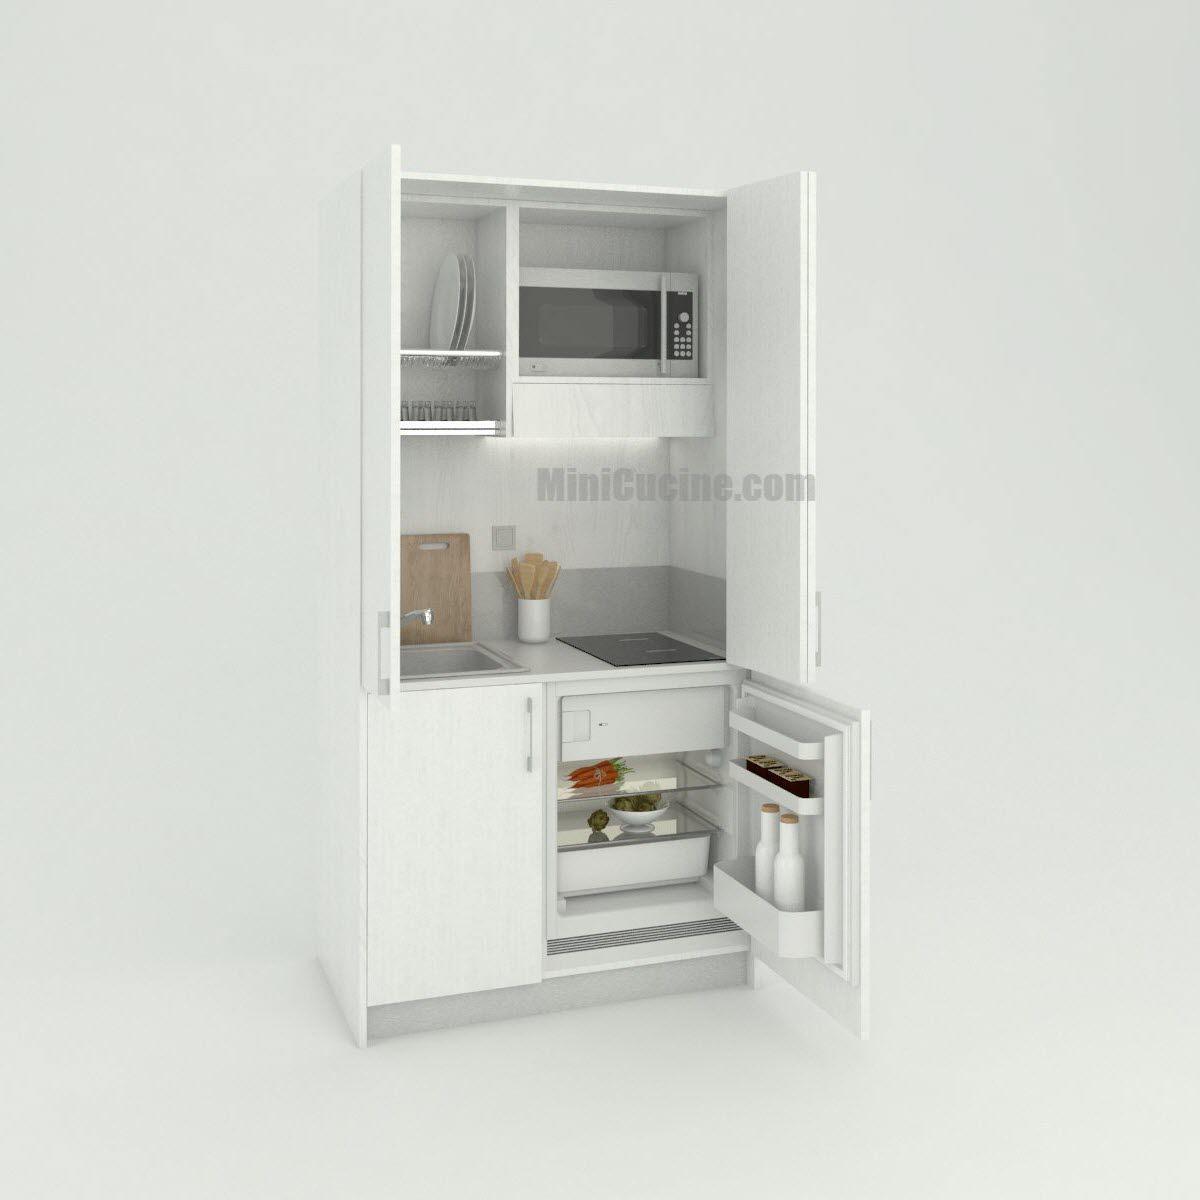 Mini Cucine A Scomparsa mini cucina a scomparsa - minicompact : 109 - minicucine